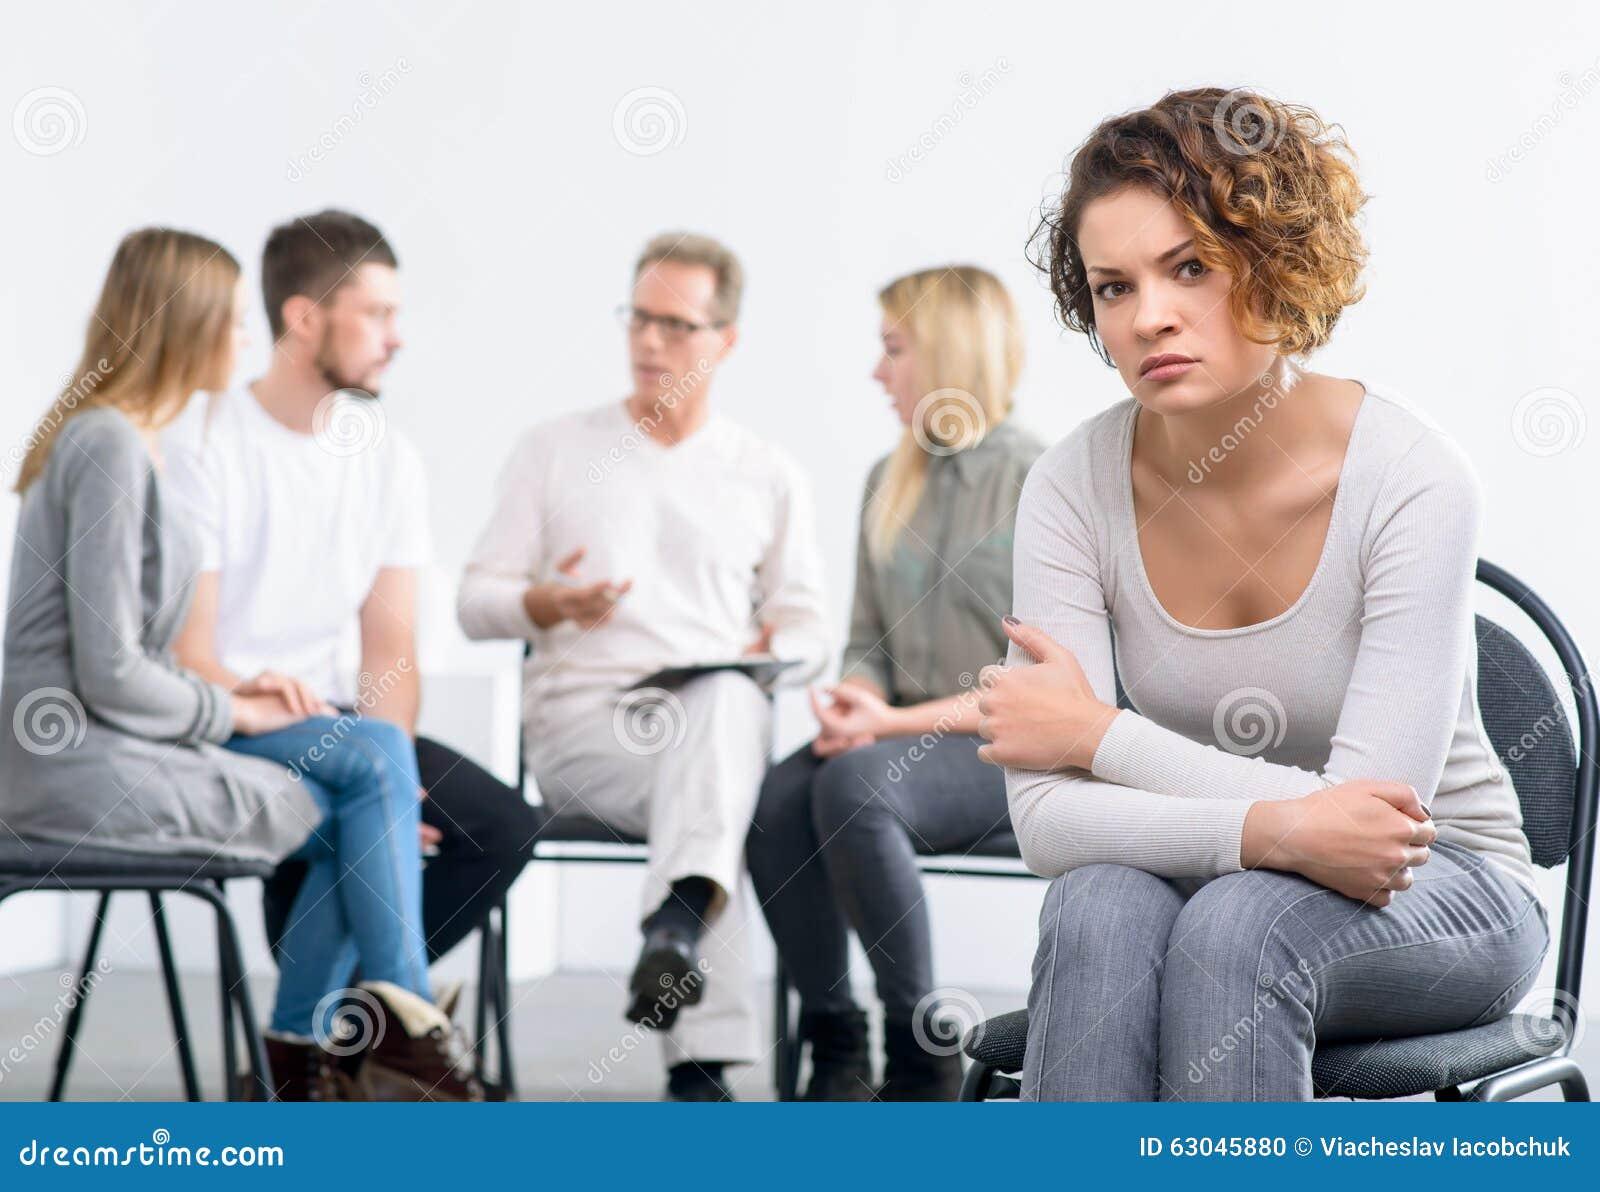 Psychologist Working W...